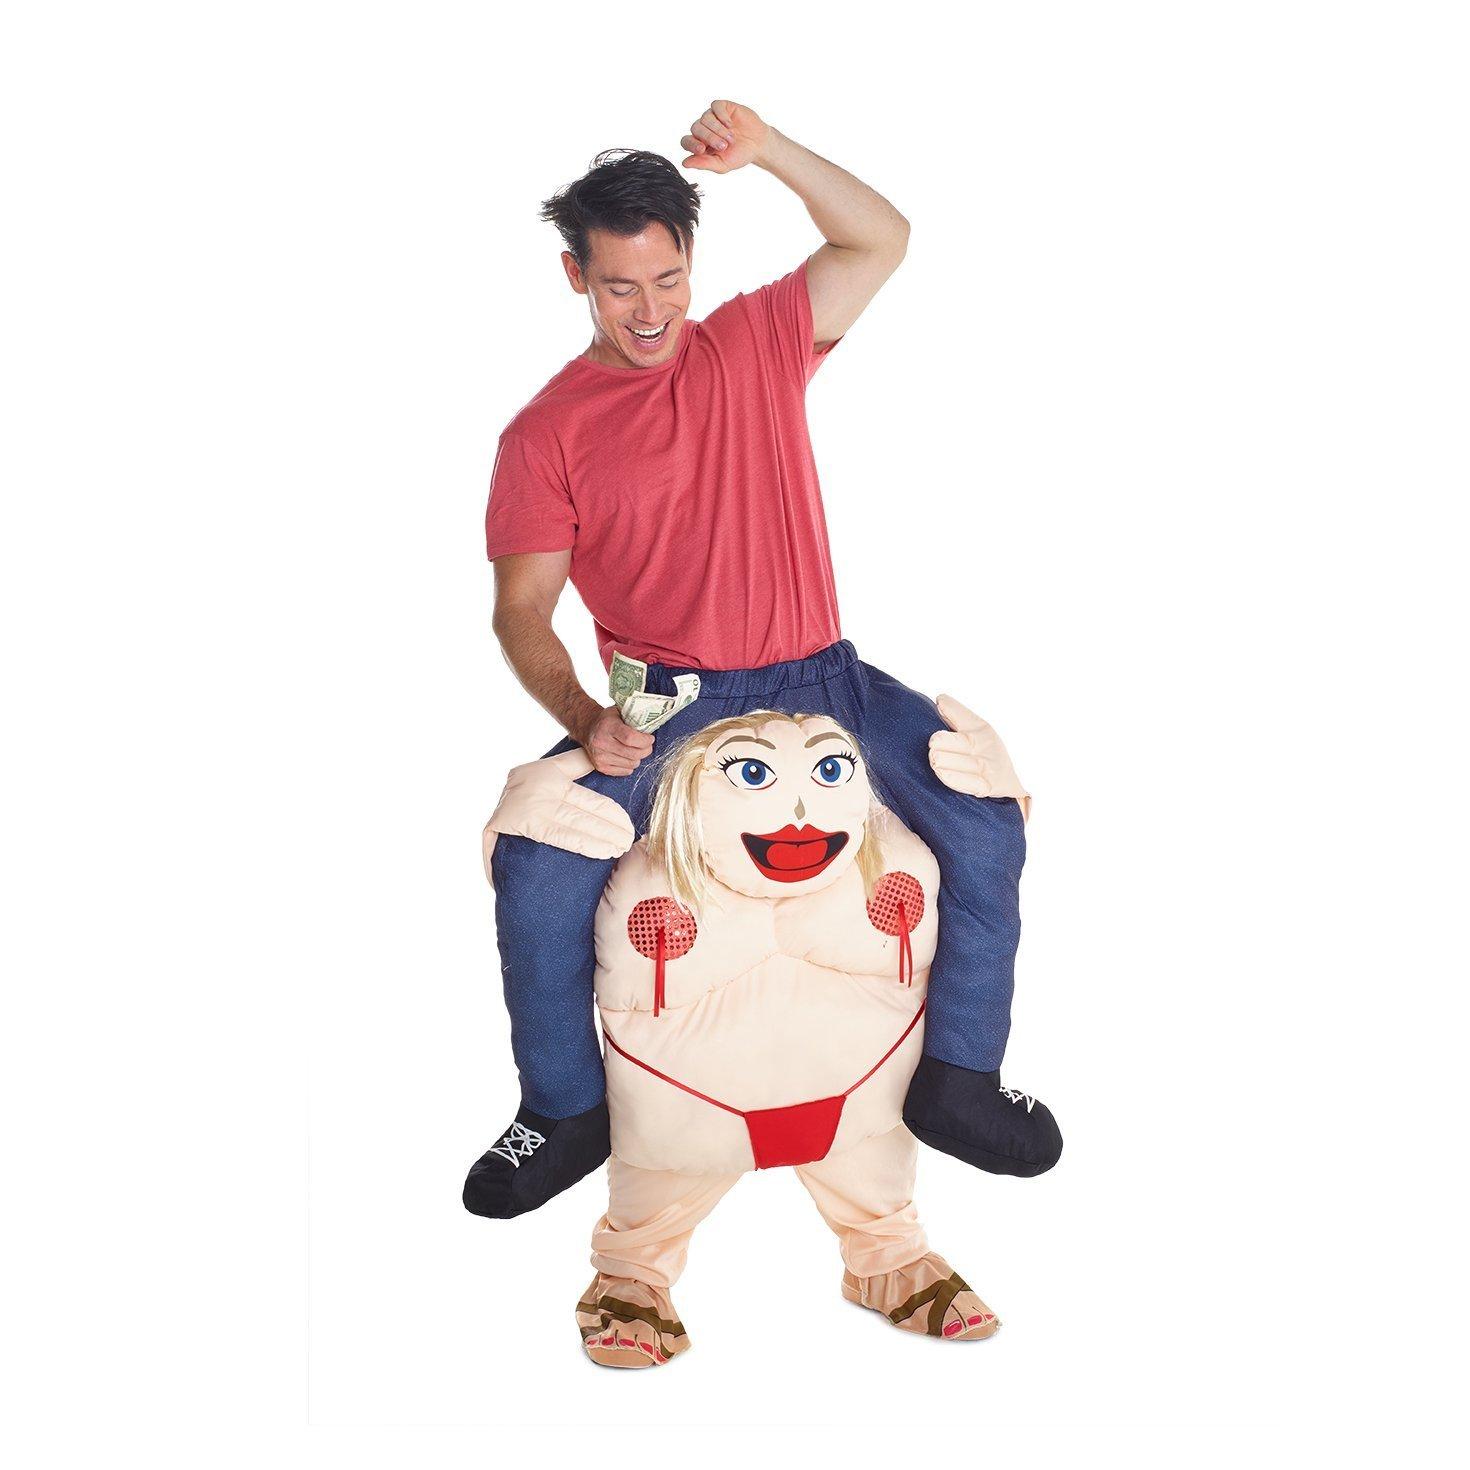 /Trucs avec vos propres Pieds Officiel Unisexe Power Ranger Rouge Fancy Dress Costume Piggyback/